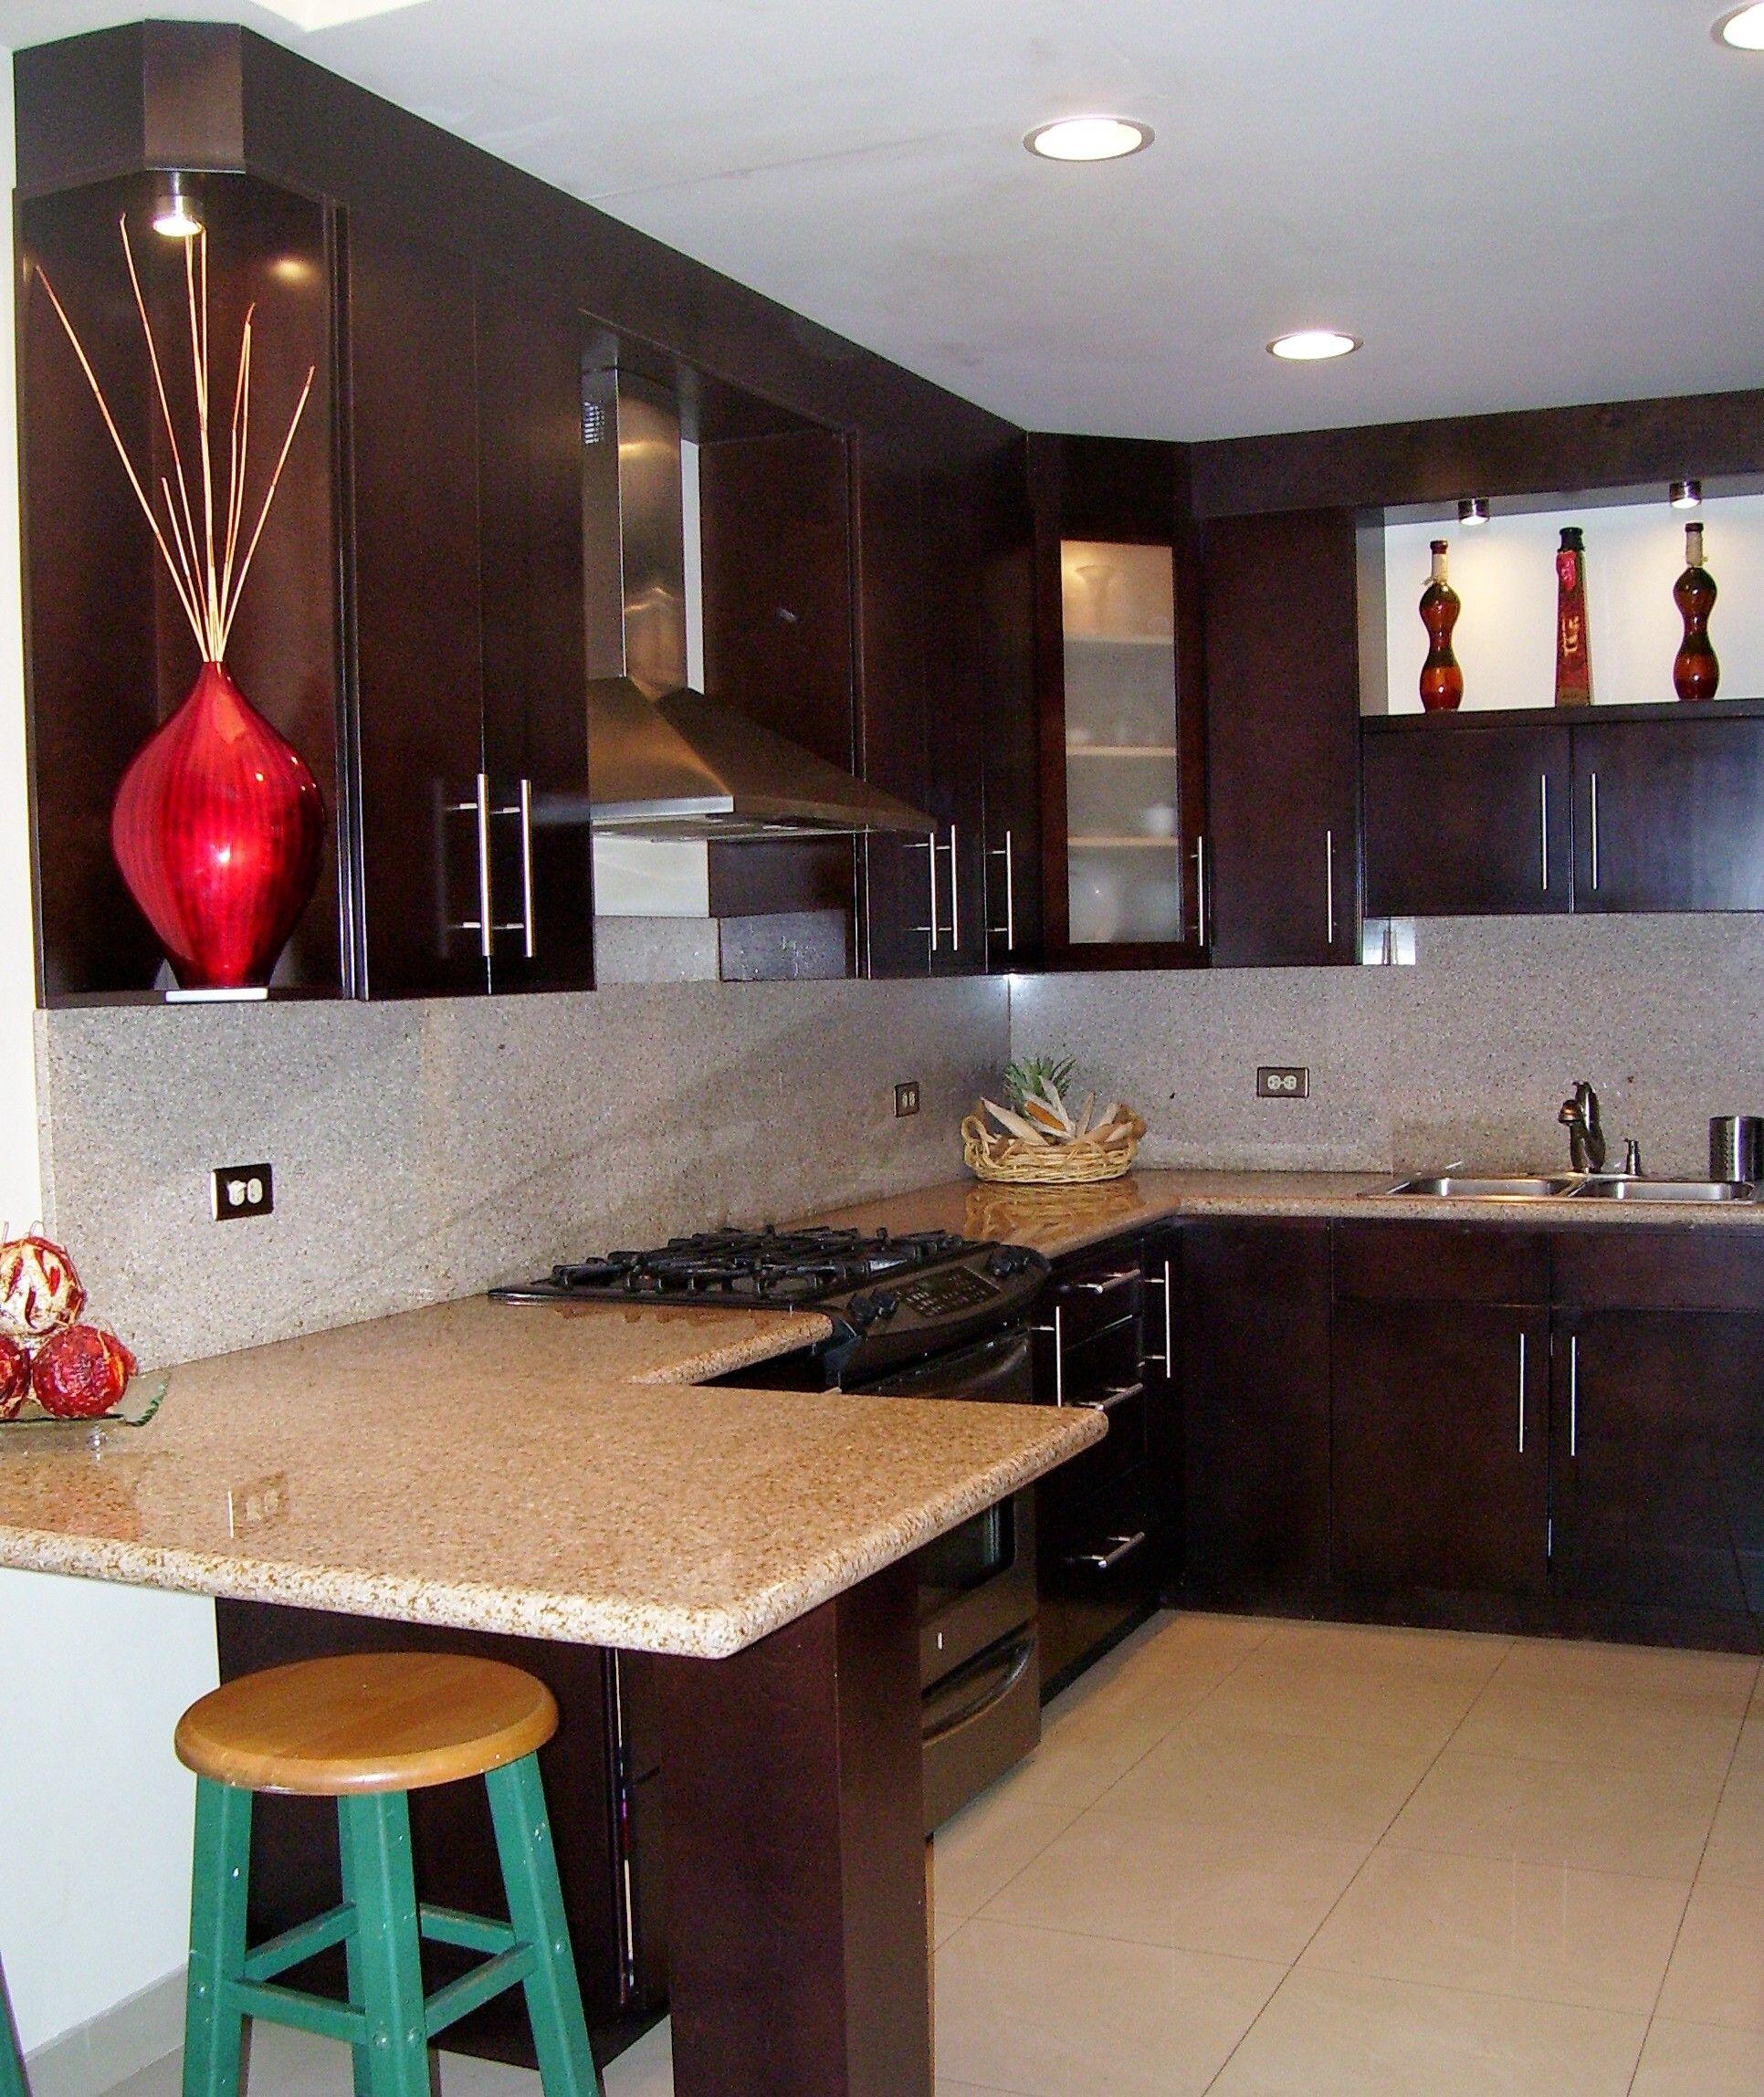 Cocina integral moderna peque a buscar con google - Imagenes de cocinas integrales pequenas modernas ...